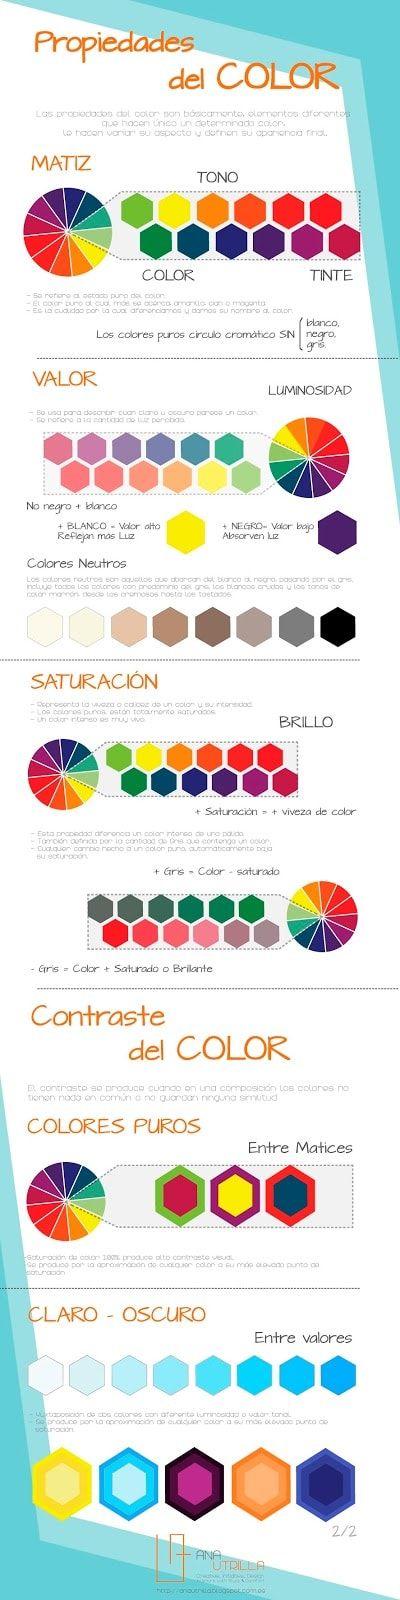 Teoría del color en decoración por ana utrilla